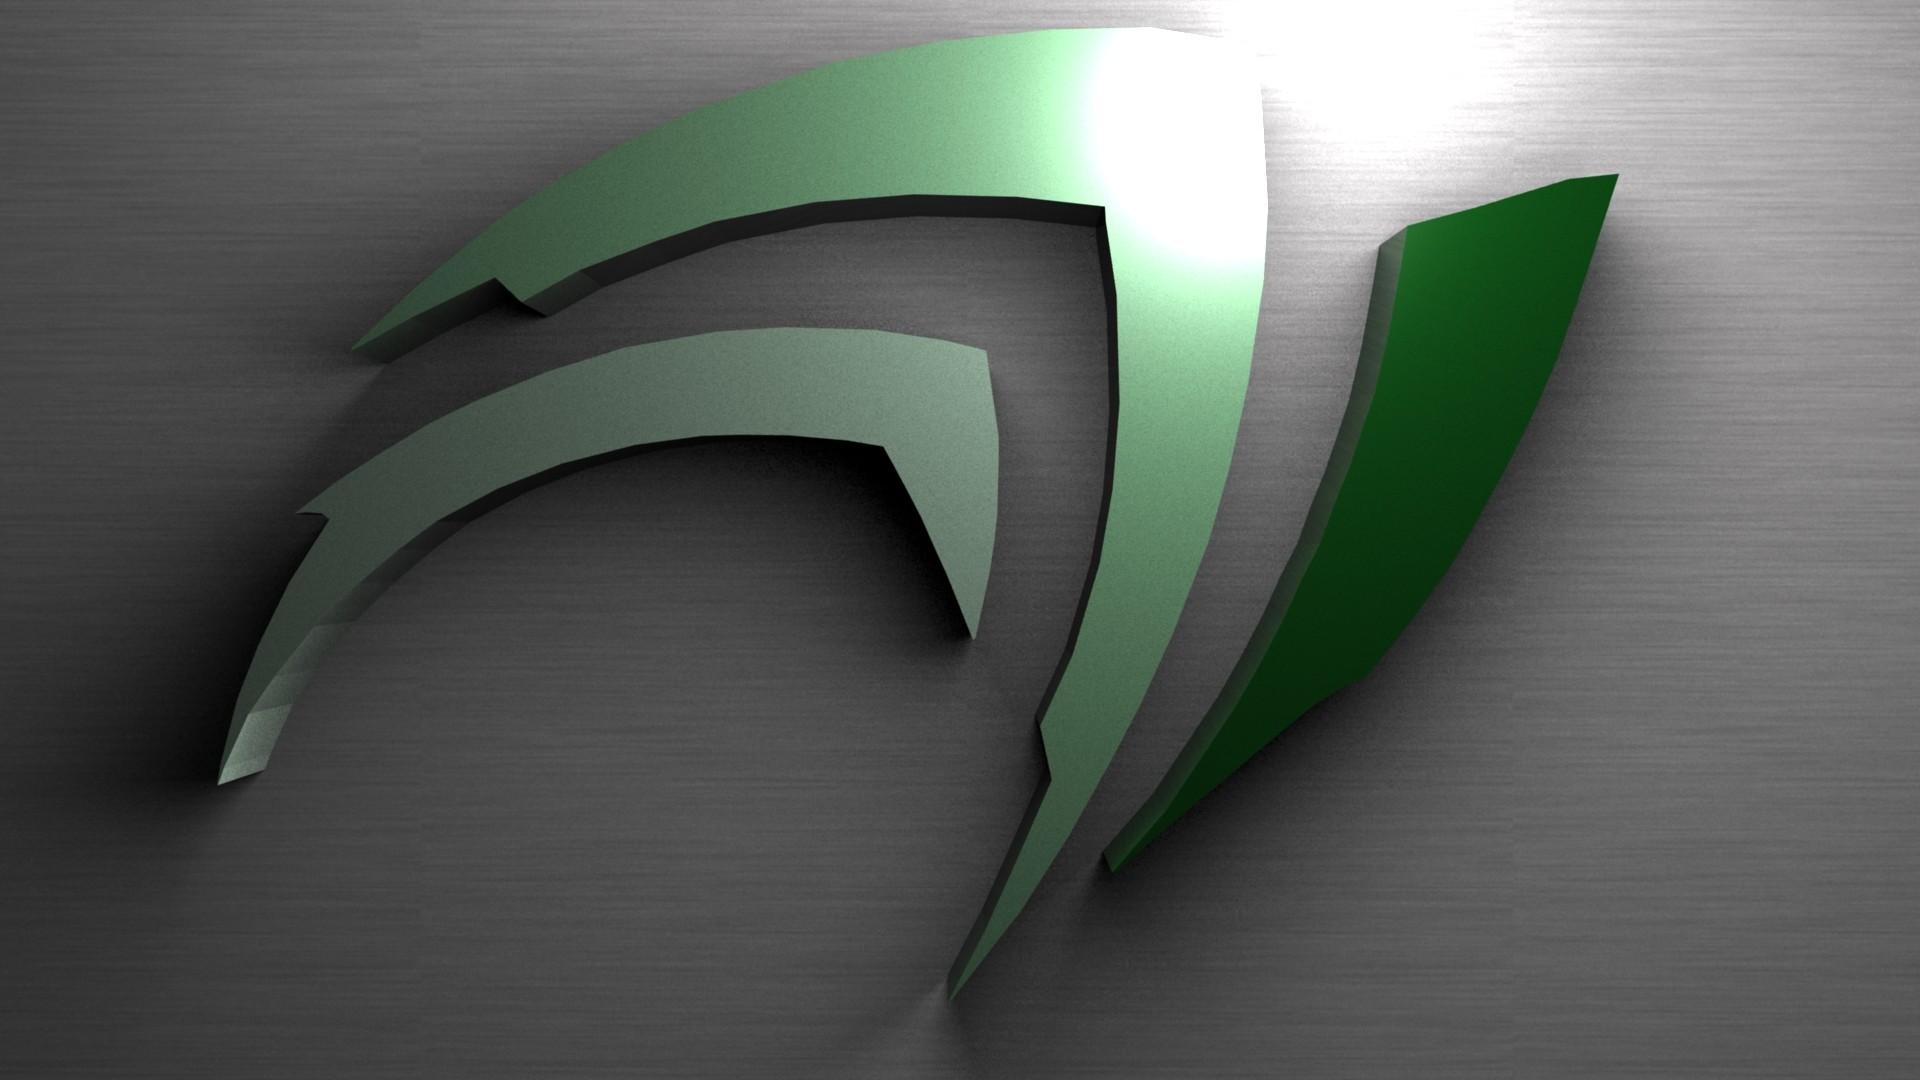 Nvidia Wallpaper HD by Darkdragon15 Nvidia Wallpaper HD by Darkdragon15